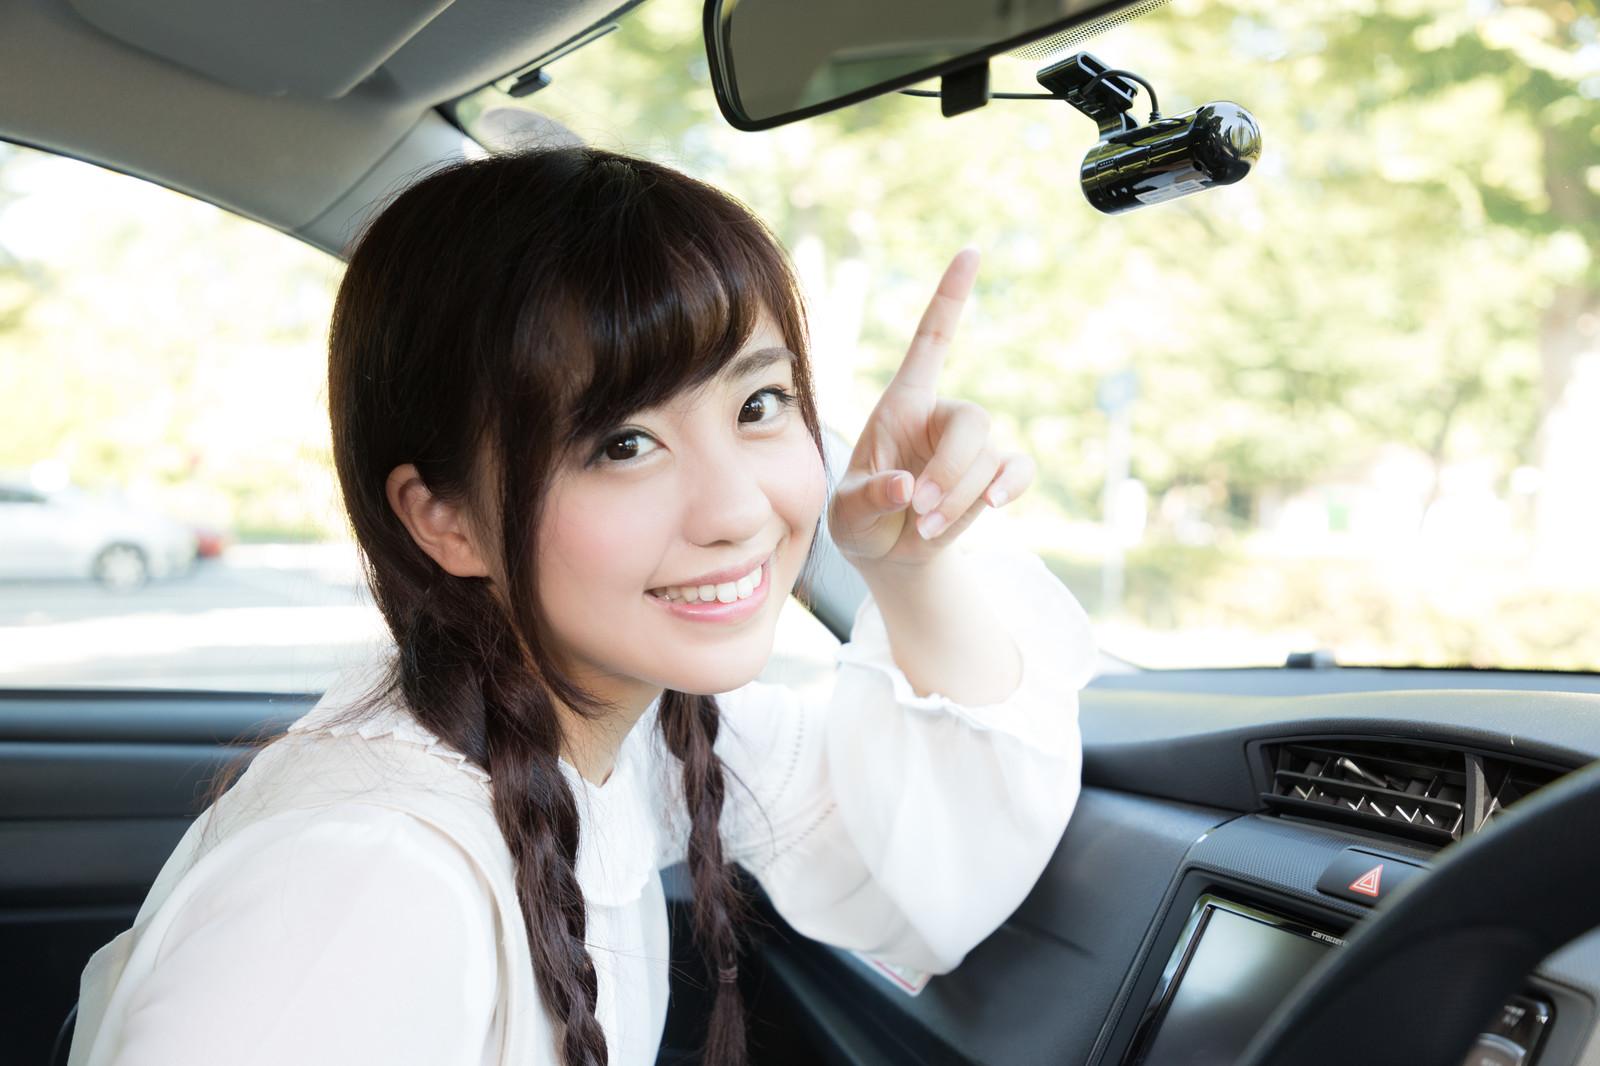 意外と多い!?クルマの運転支援機能が作動したことがある人は約7割、半数以上が駐車時に作動